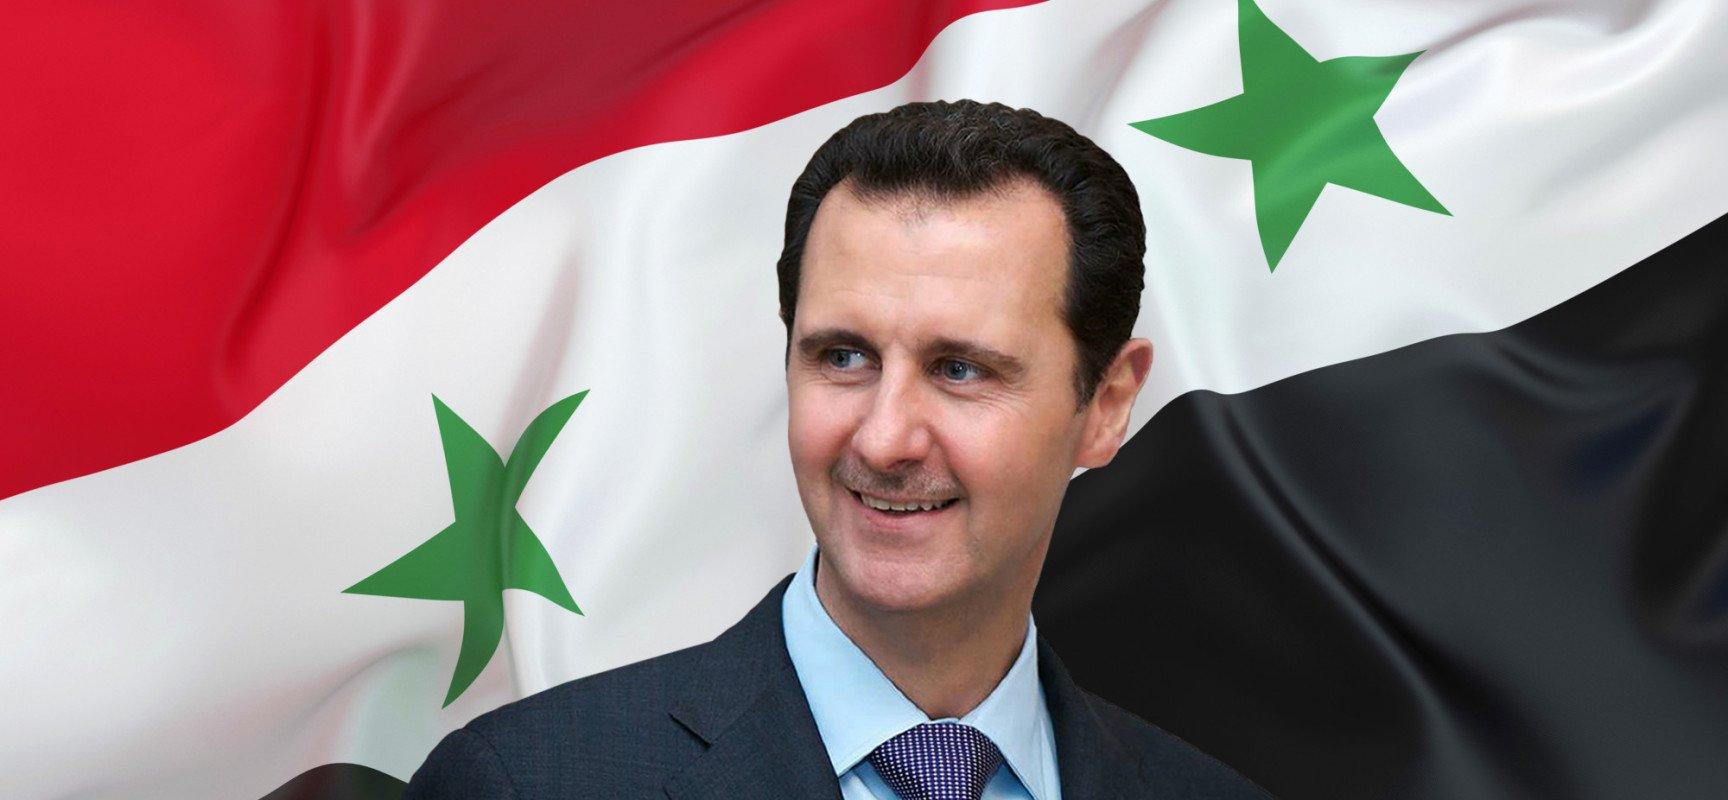 Esad: Suriye halkının zaferi, daha dengeli ve adil bir dünya oluşmasına yardım edecek